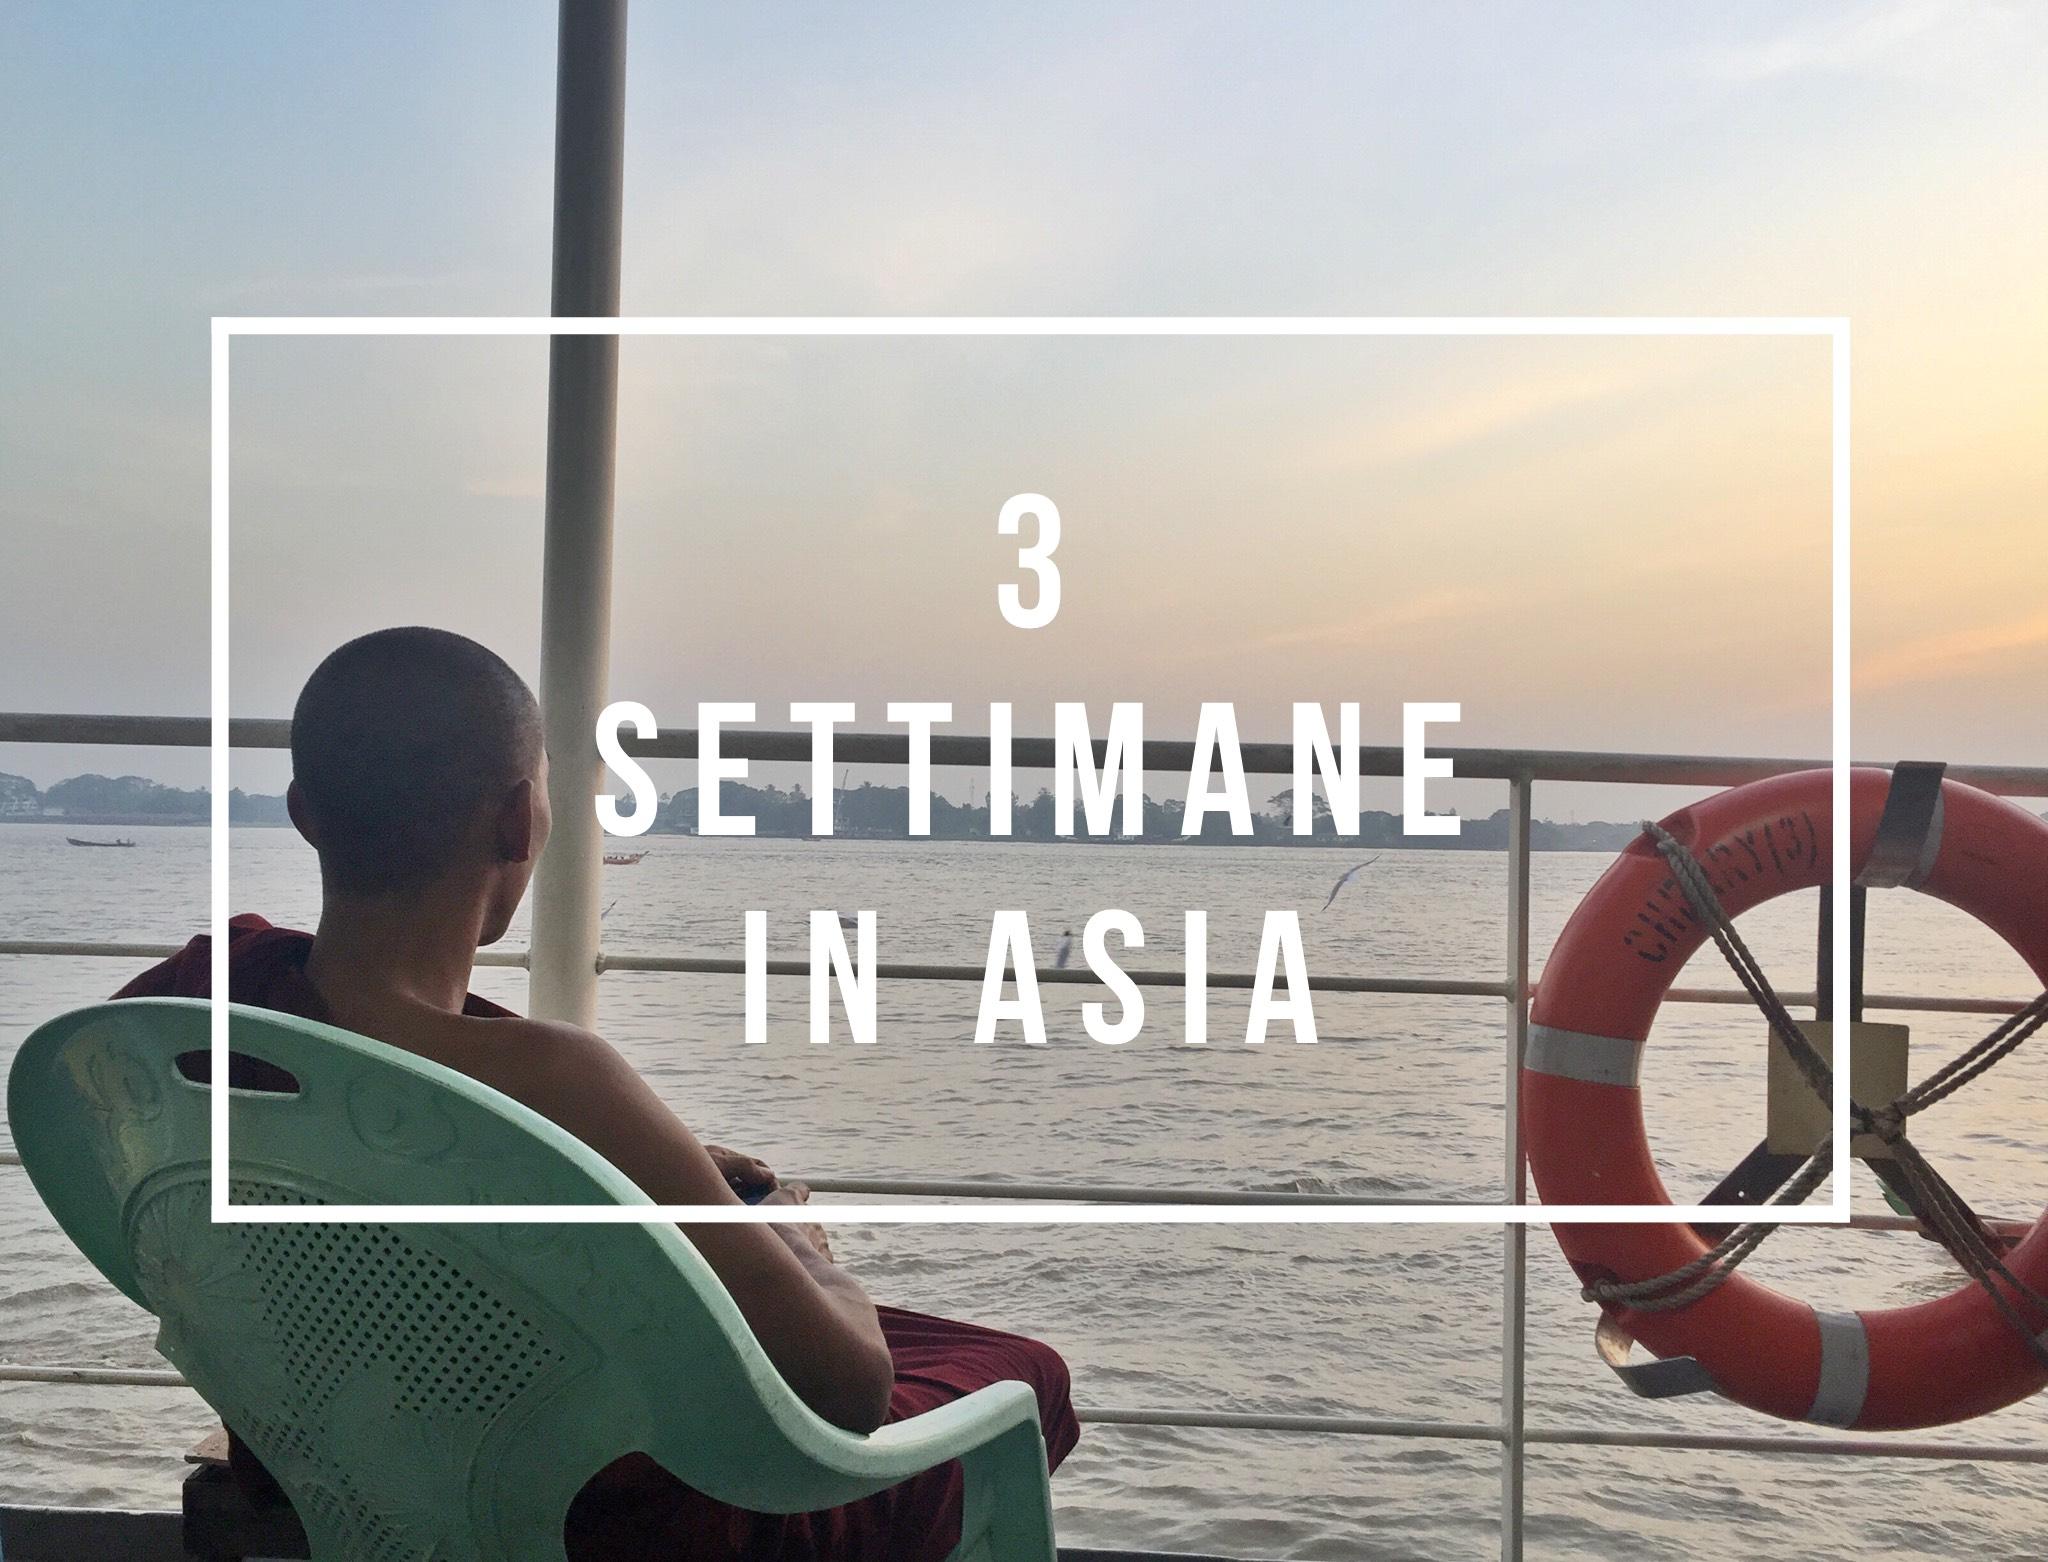 tre settimane in Asia